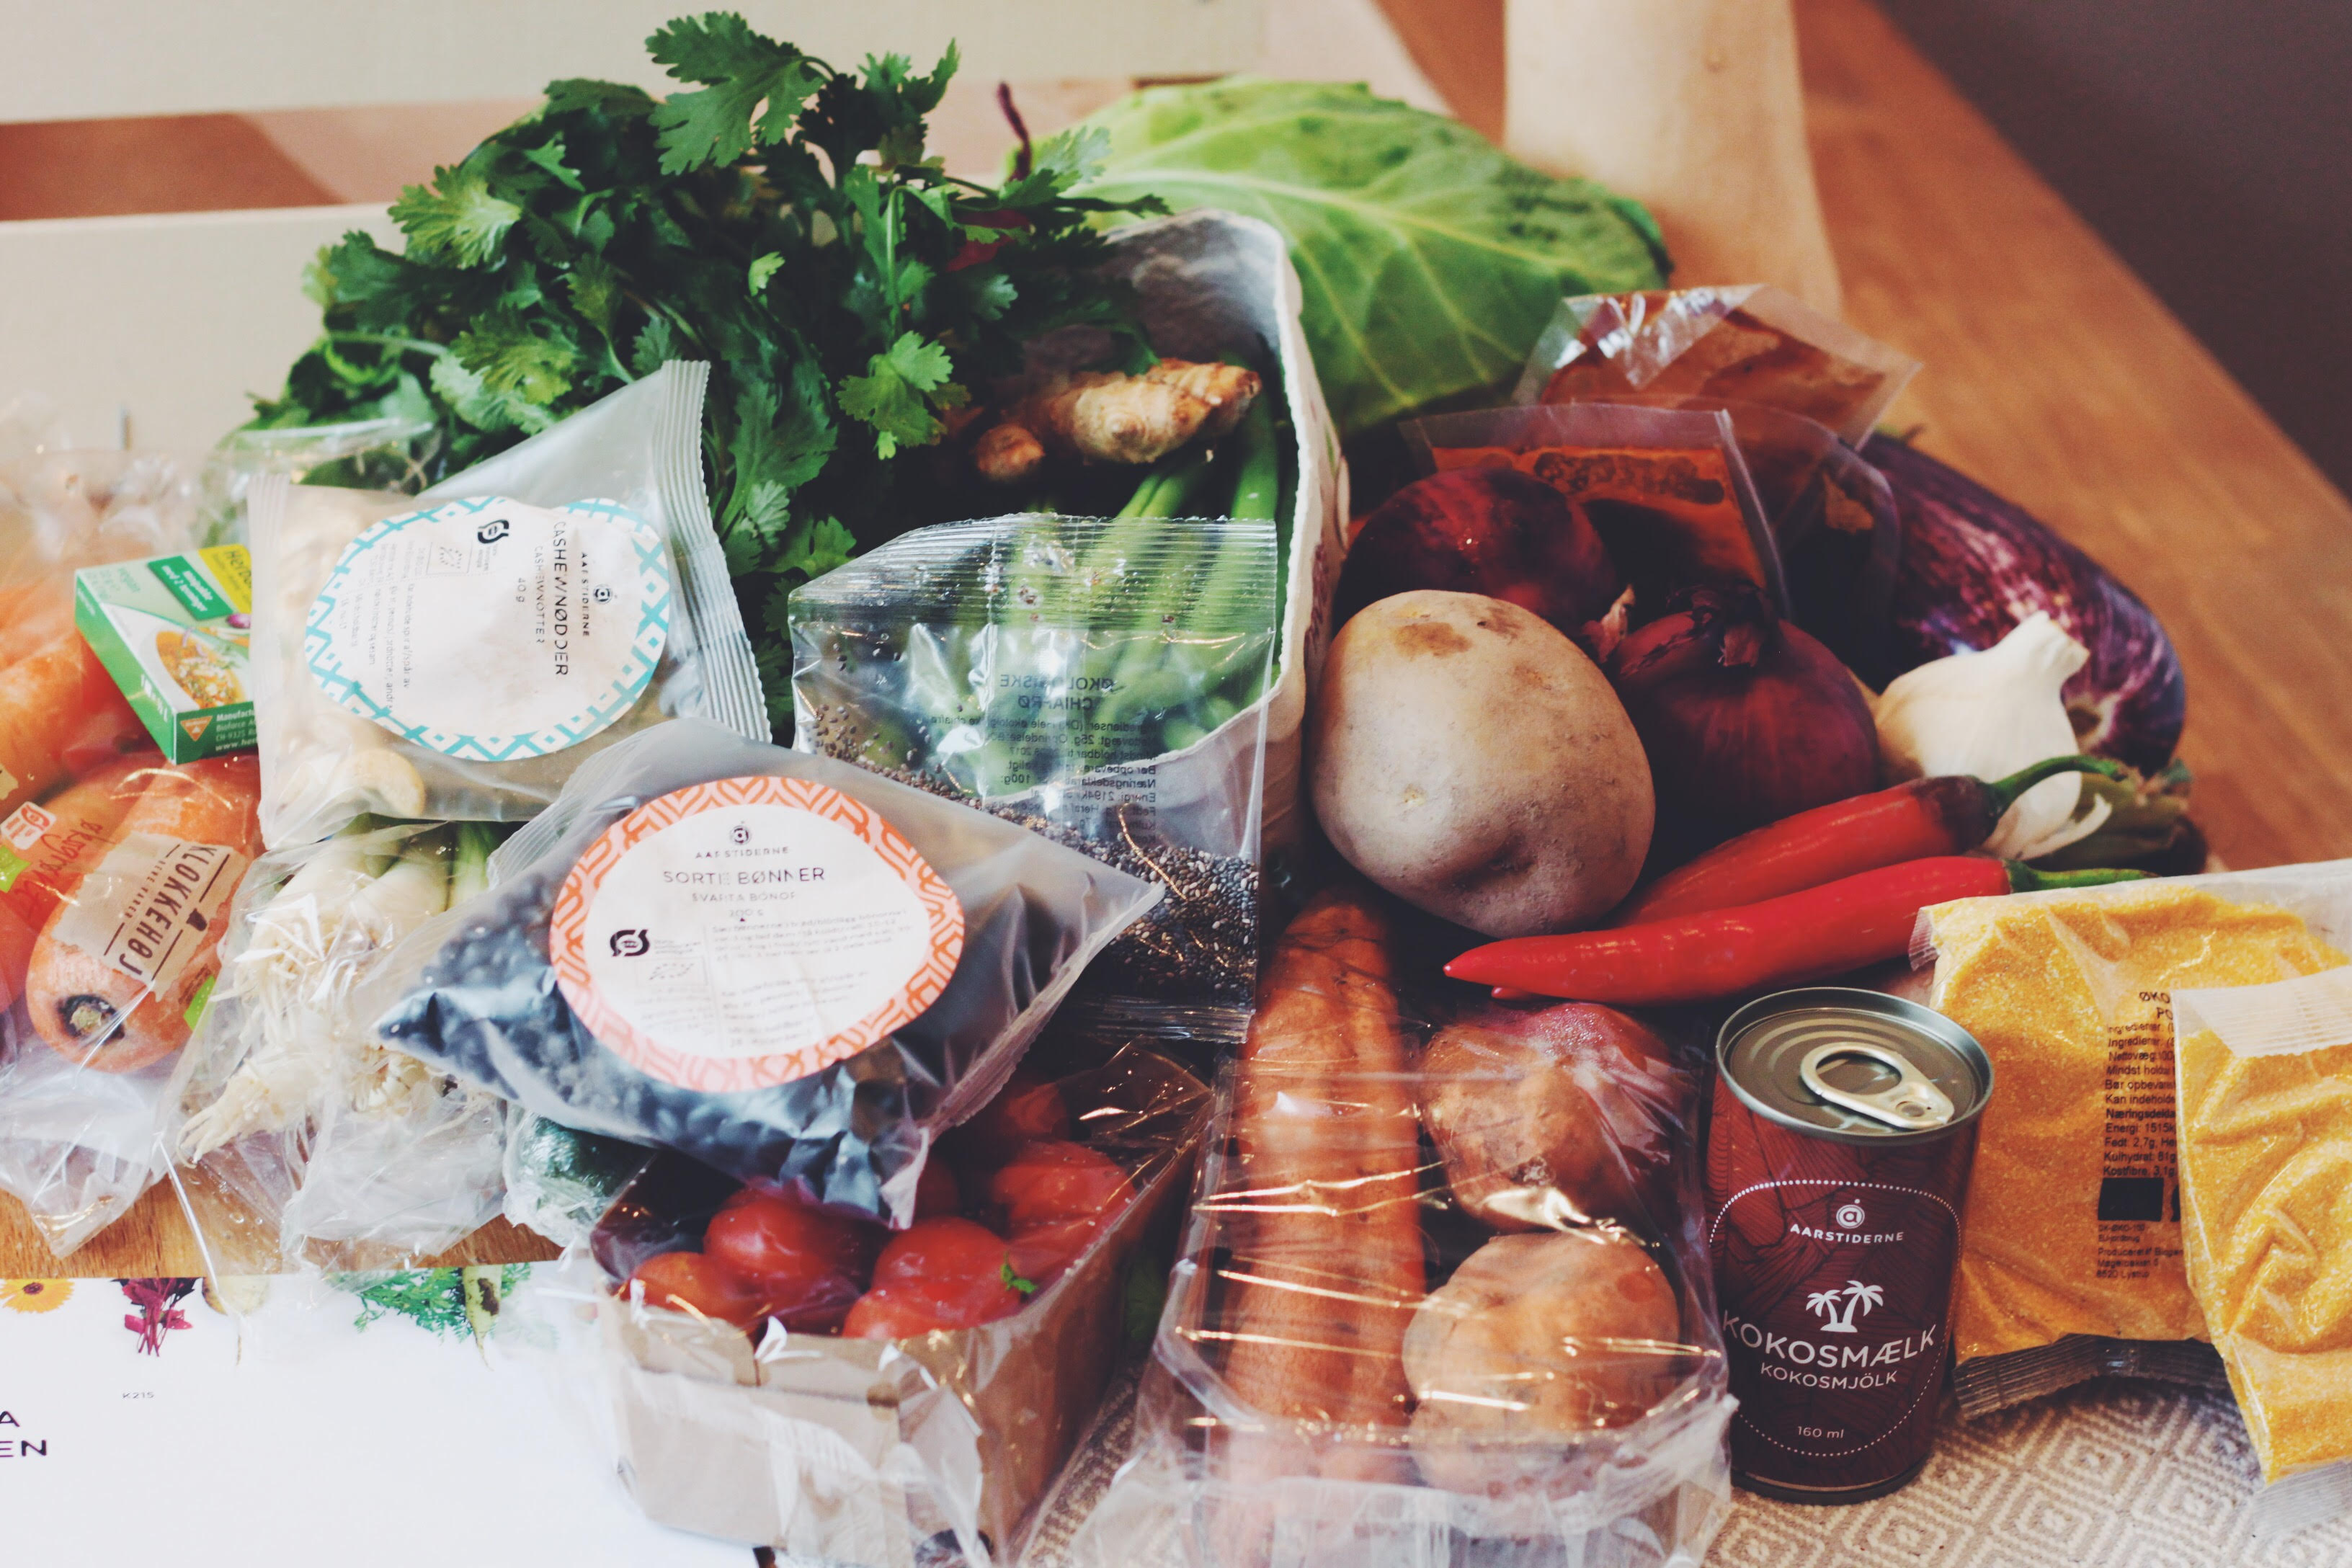 Årstidernas veganska matkasse